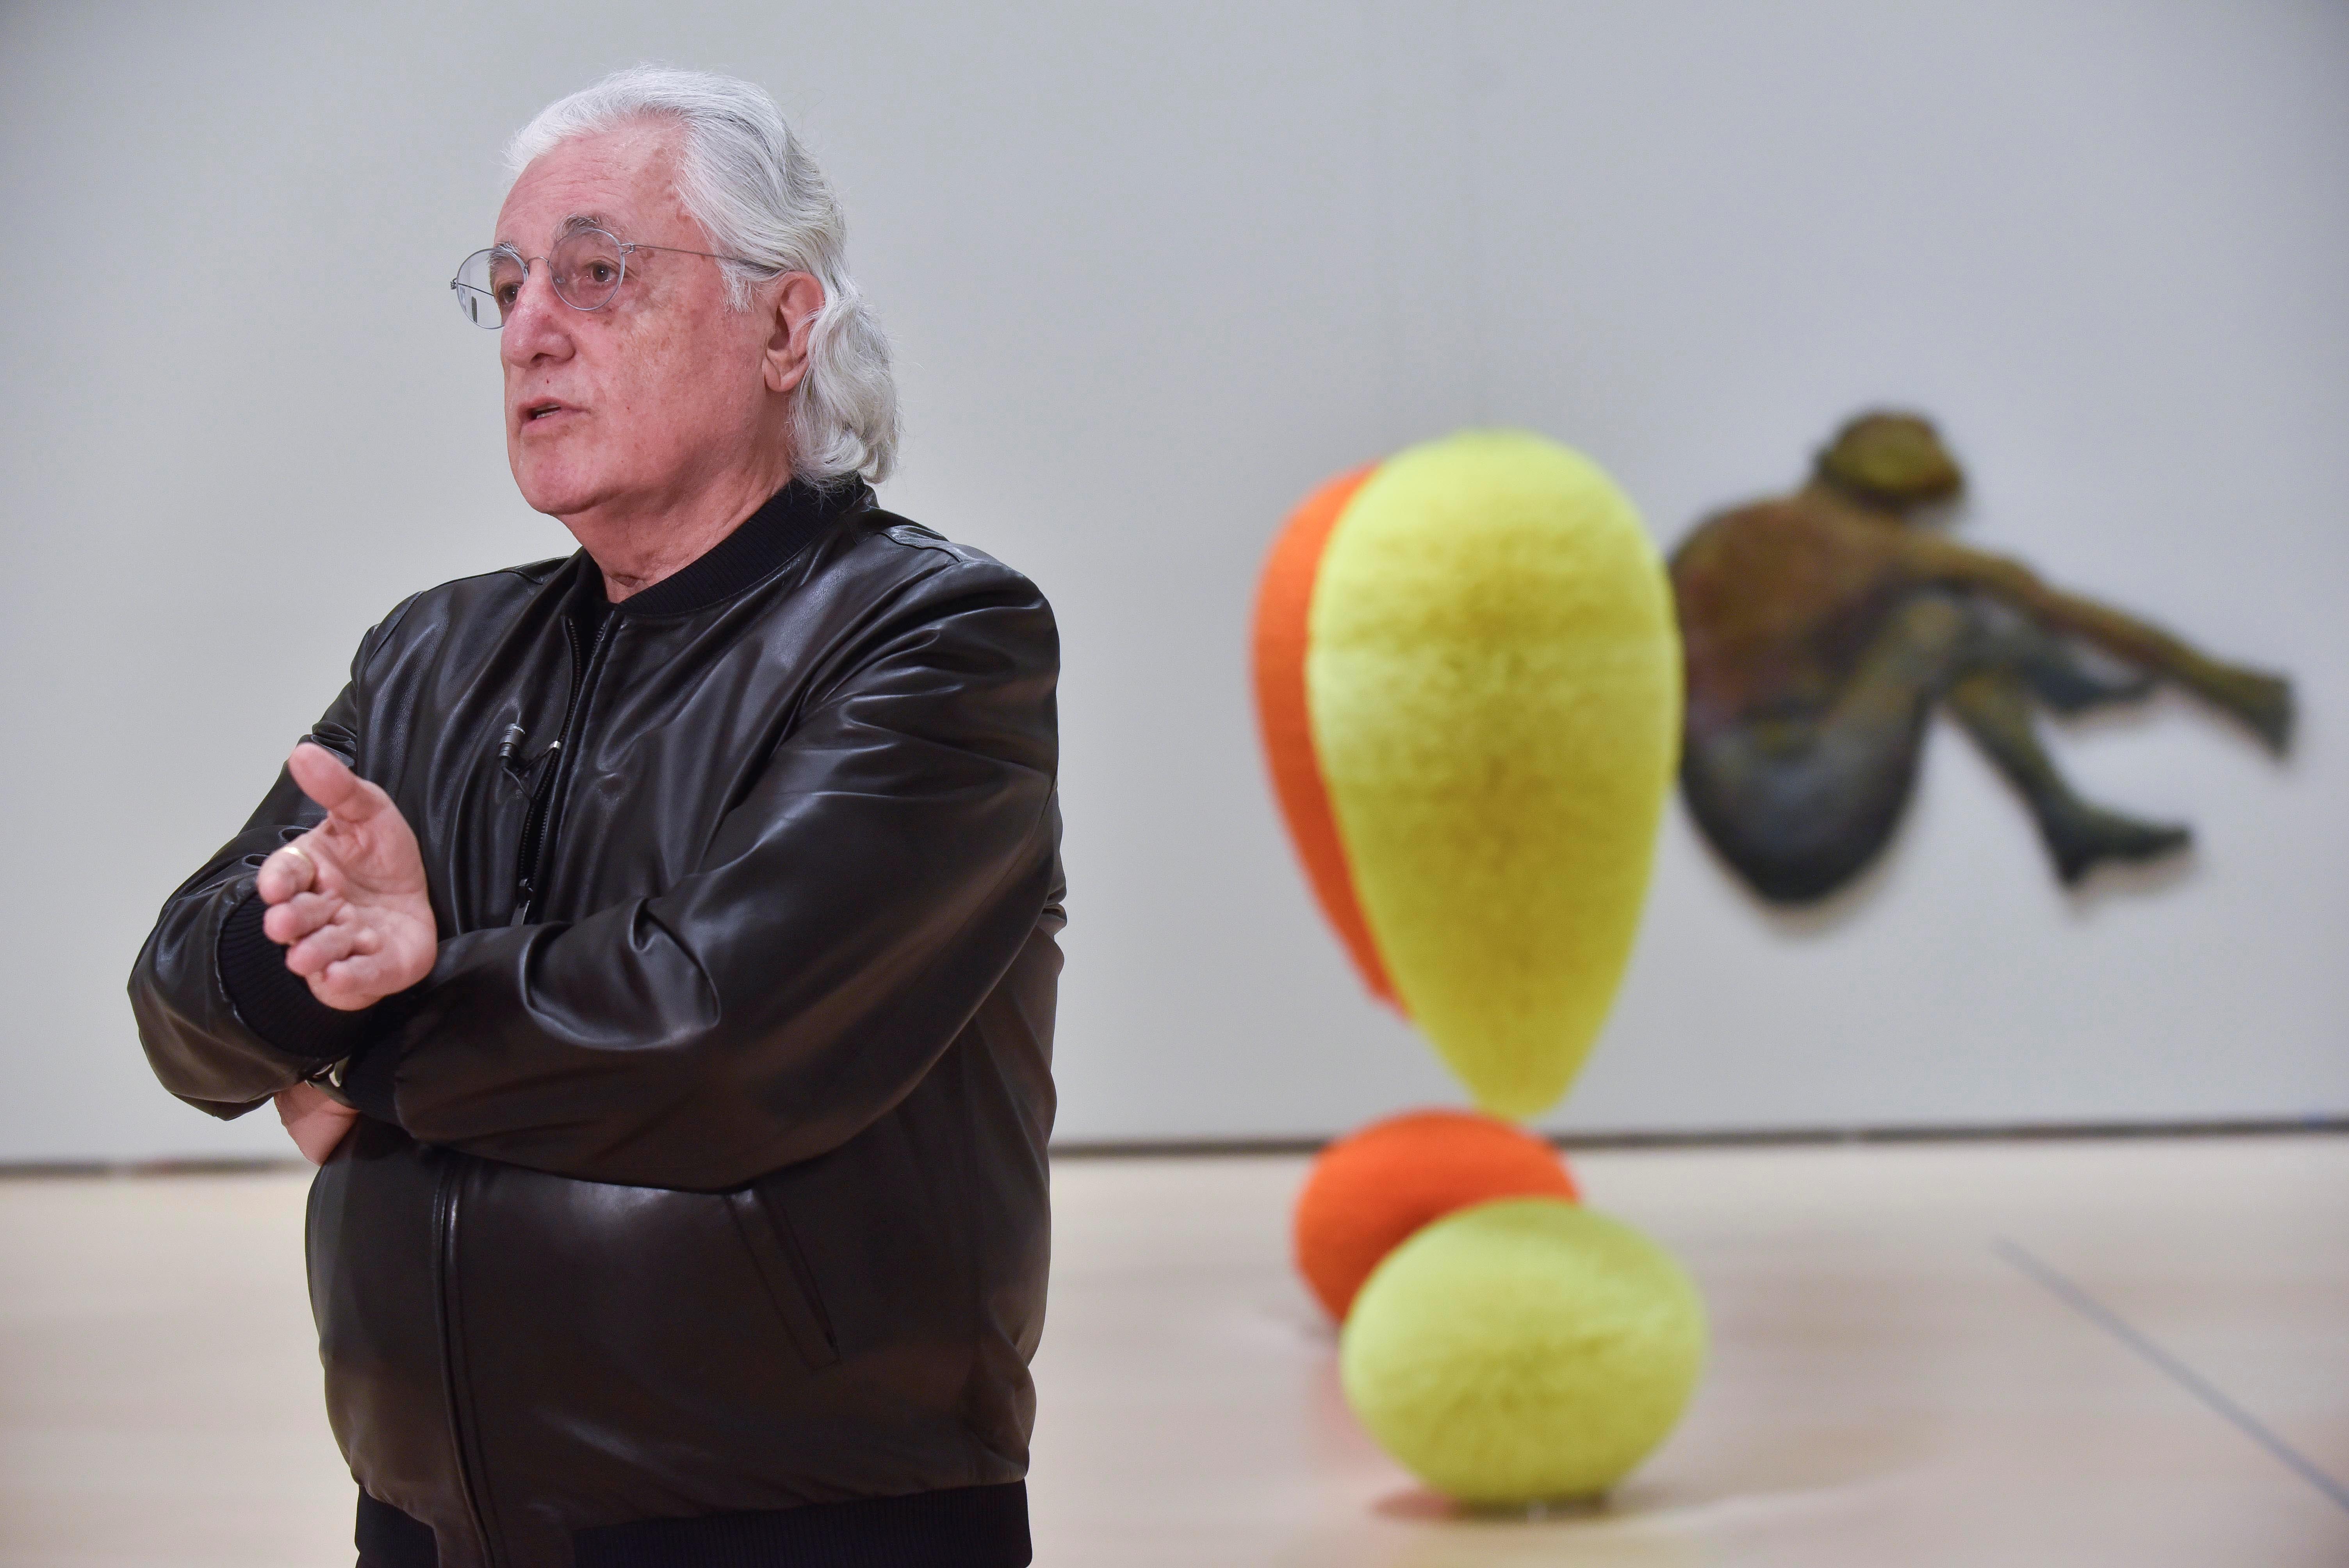 Guggenheim Museum Bilbao presents Richard Artschwager retrospective, Spain - 28 Feb 2020